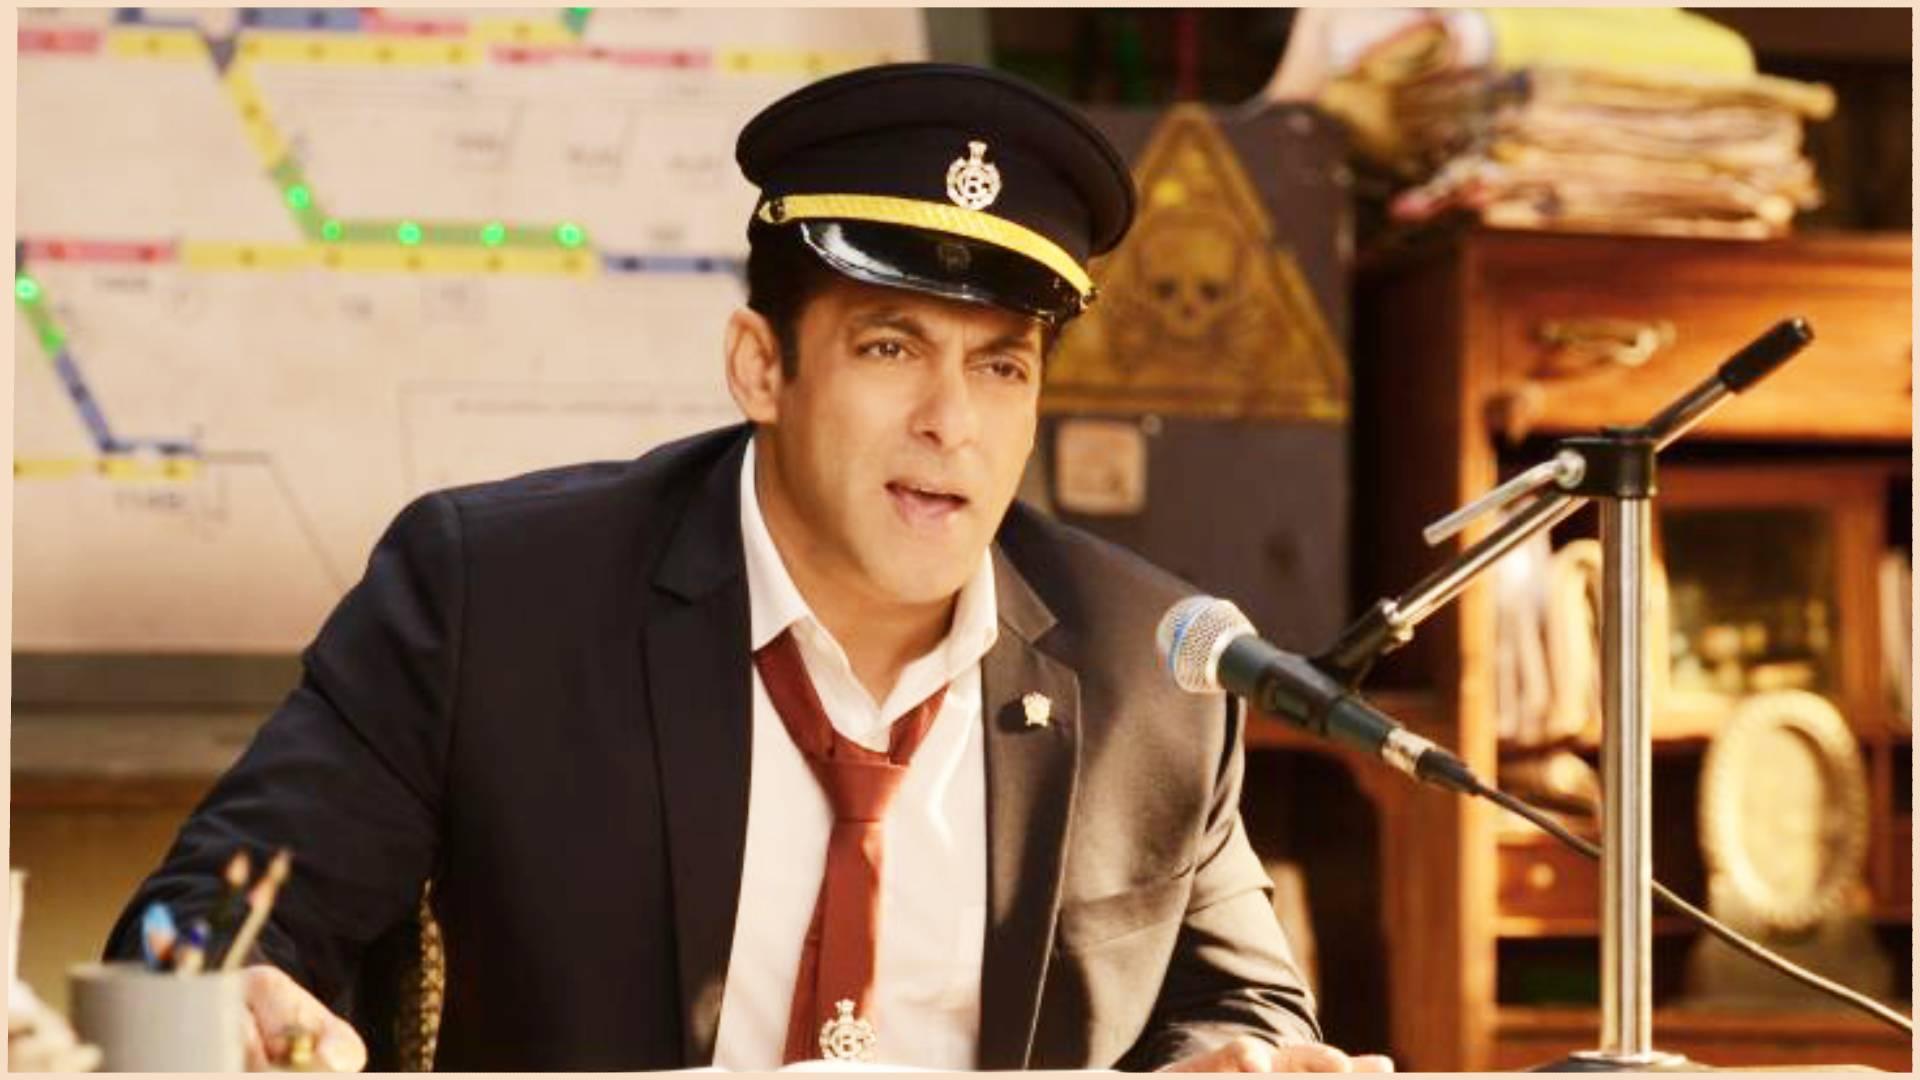 Bigg Boss 13: बिग बॉस 13 में हुआ बड़ा बदलाव, सलमान खान के शो में पहली बार एक फीमेल करेगी ये काम